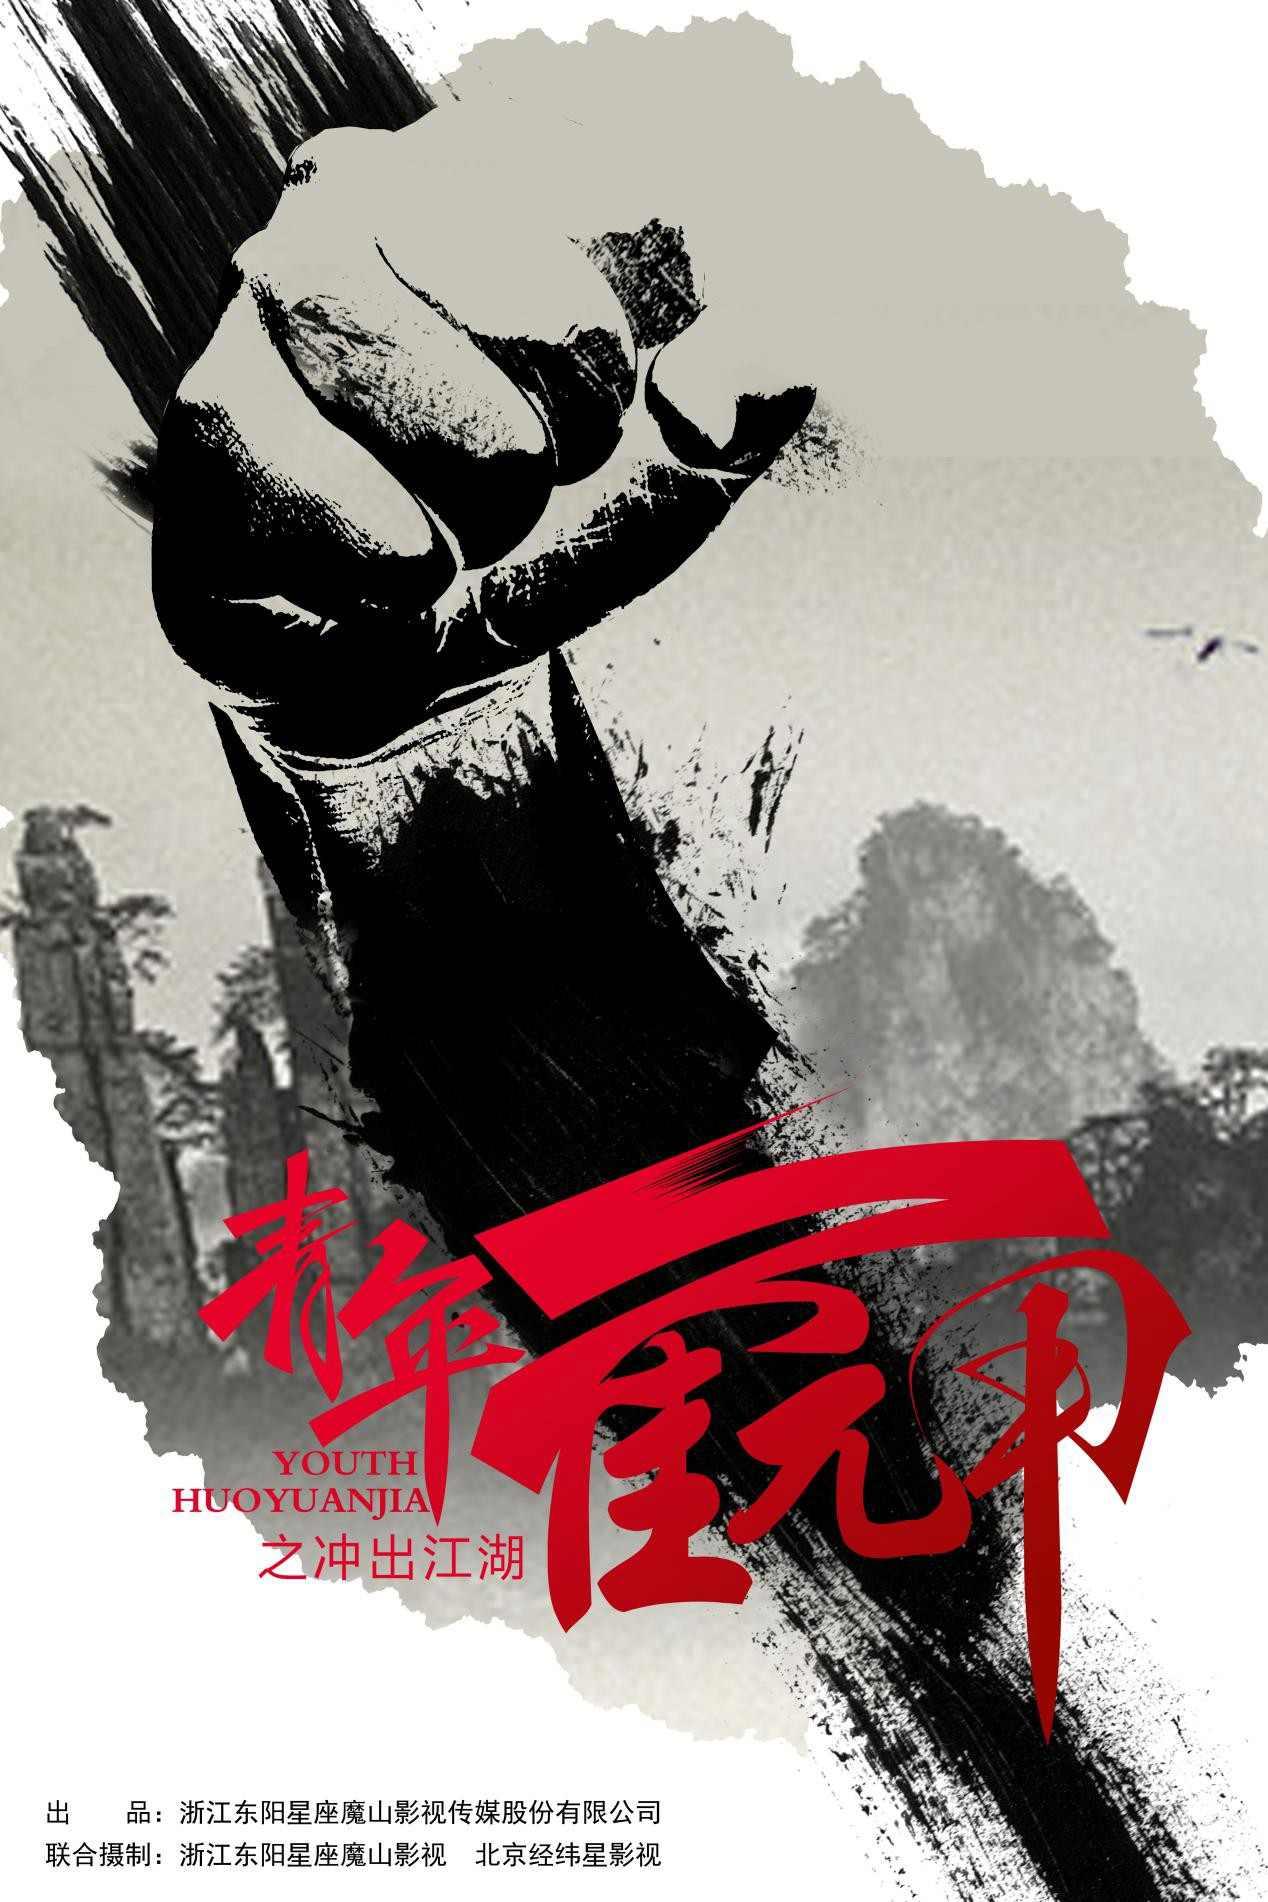 电影《青年霍元甲之冲出江湖》海报.jpg